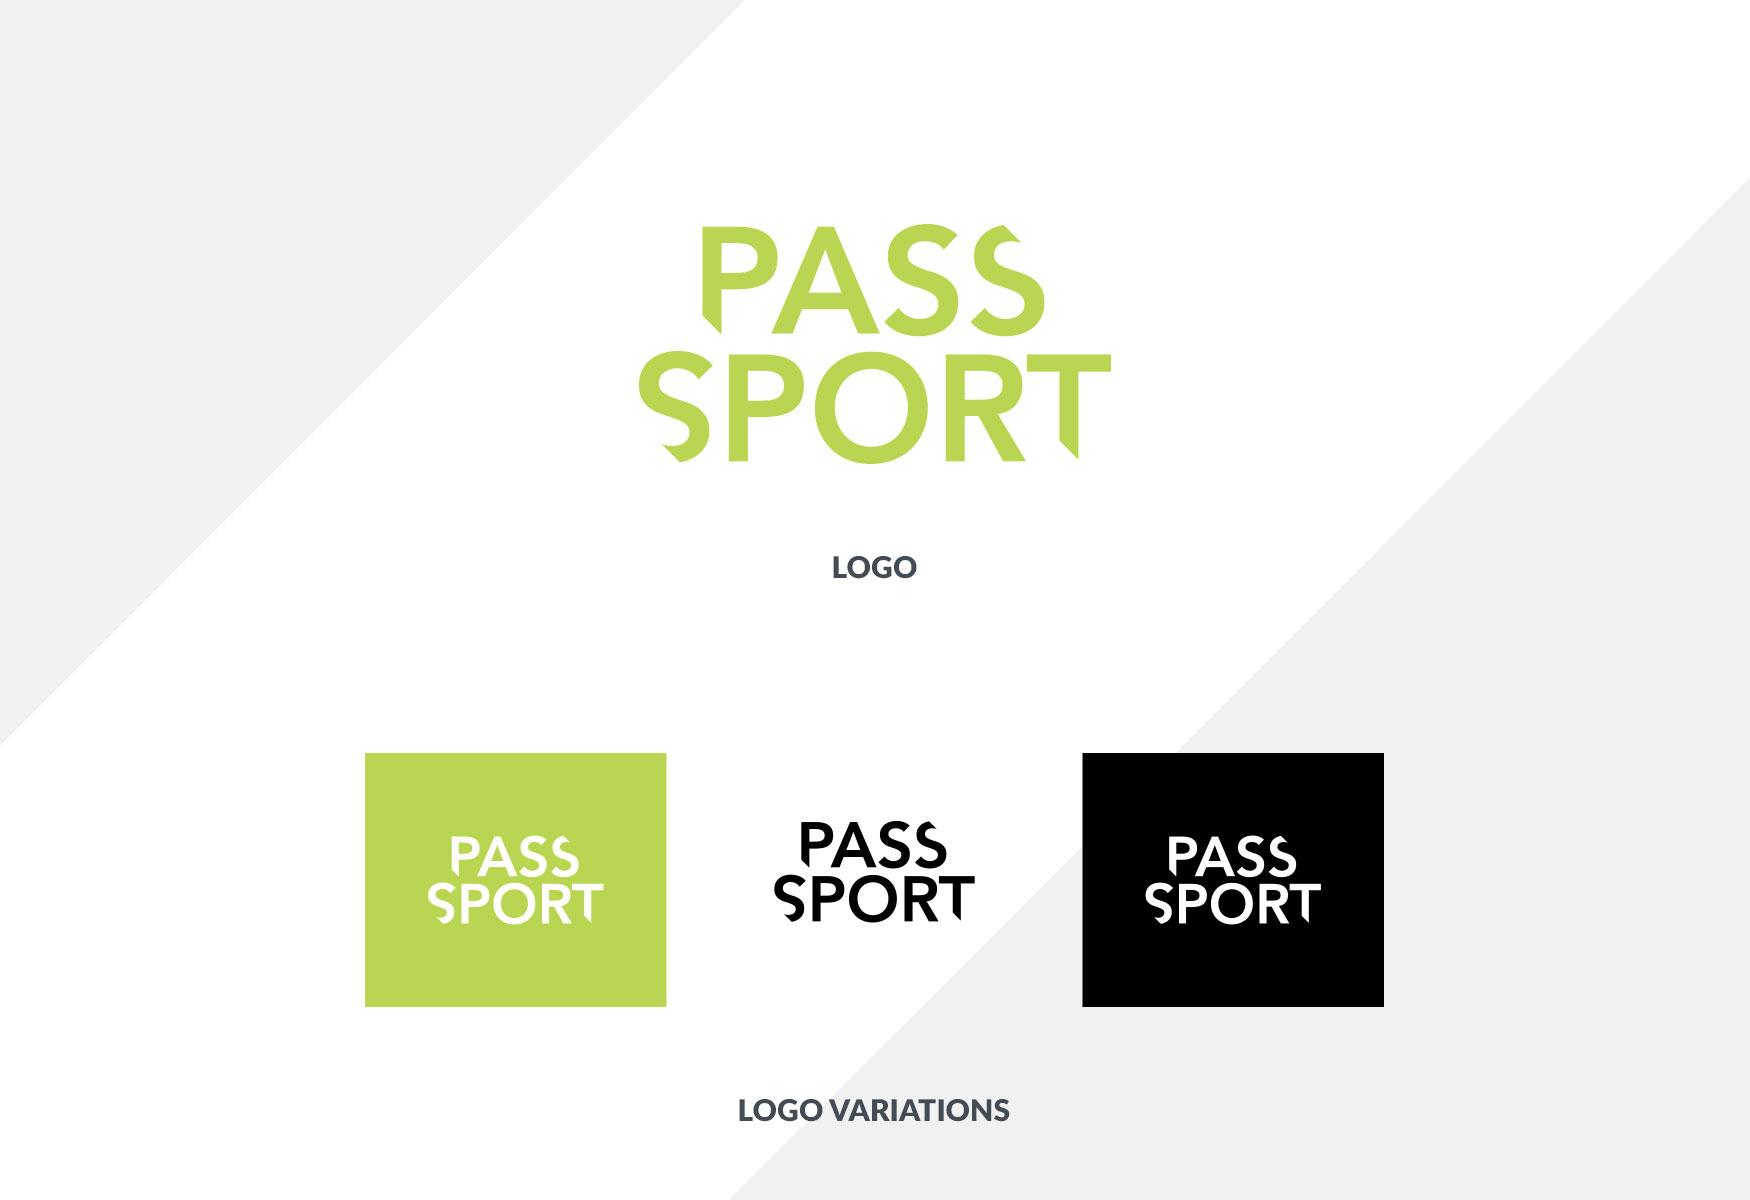 Estudio de caso de marca: ejemplos de logotipo